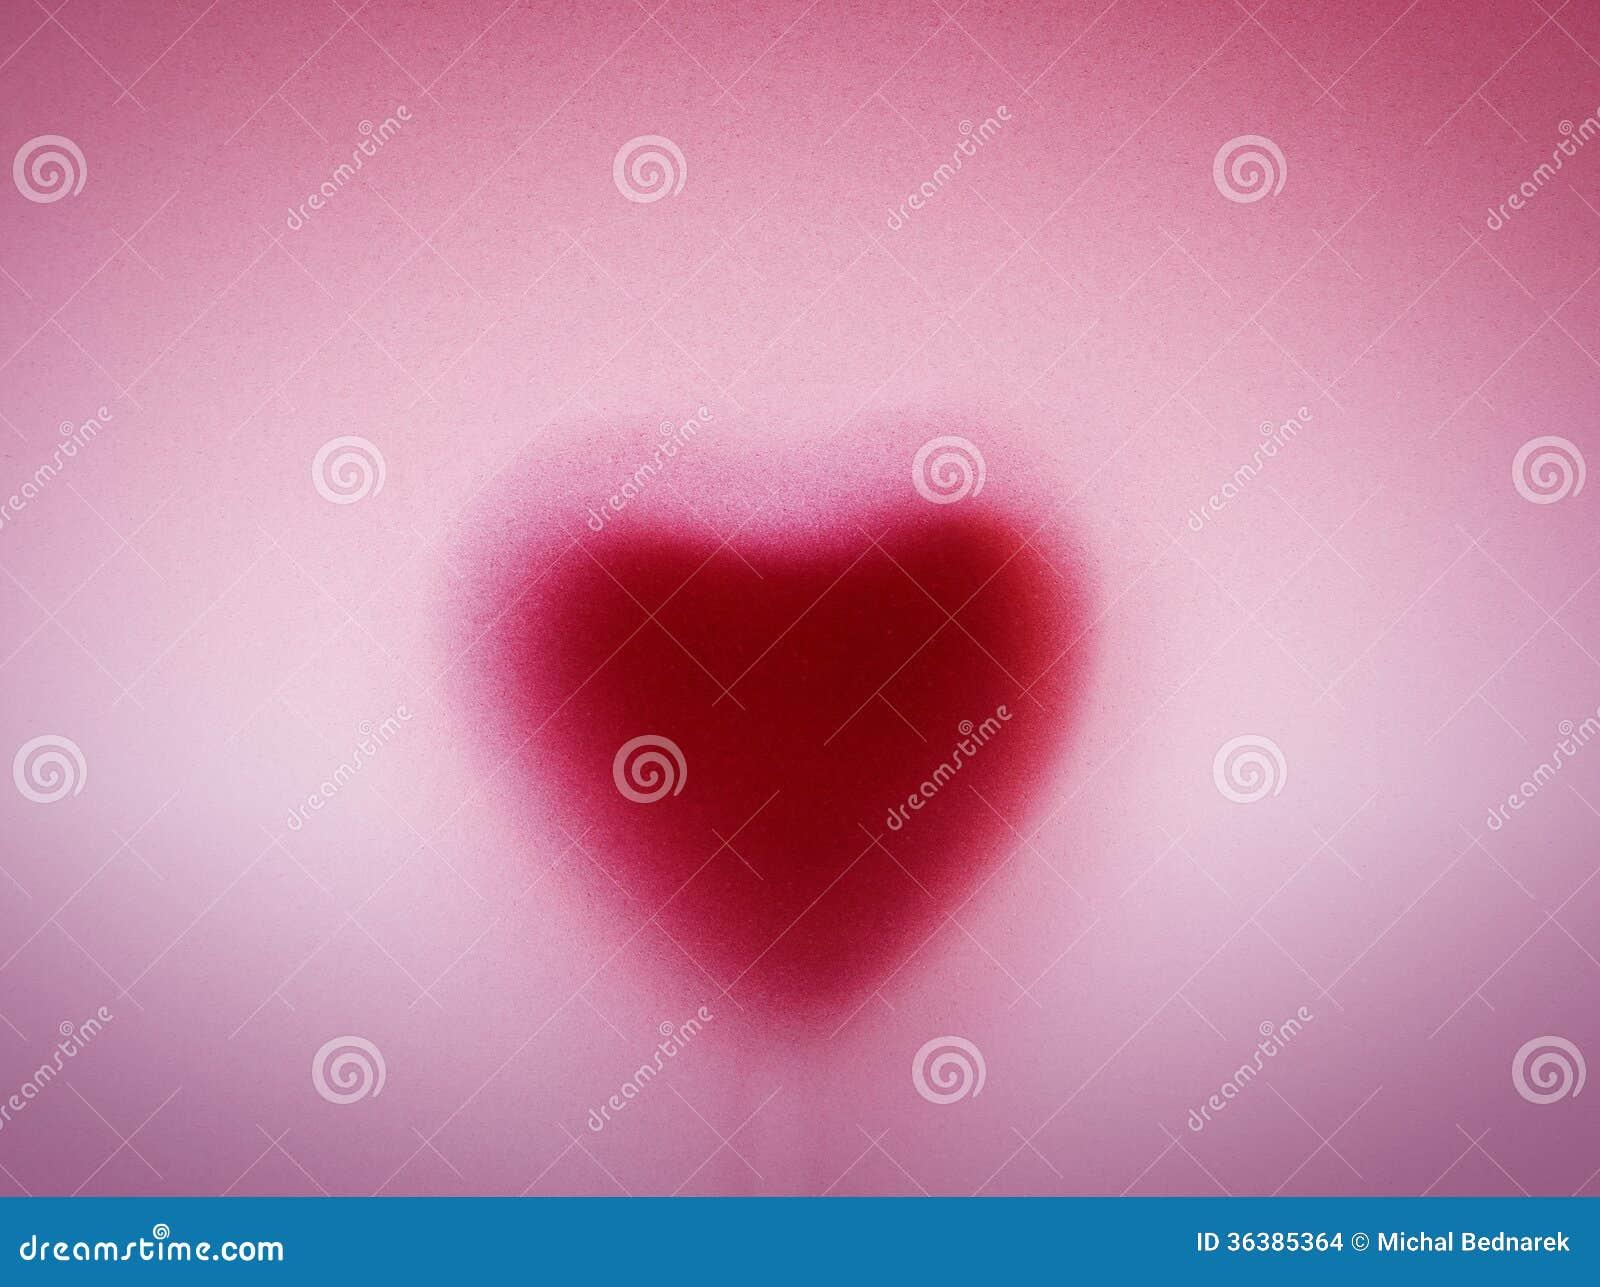 在乳状毛玻璃后的心脏形状。爱,浪漫背景